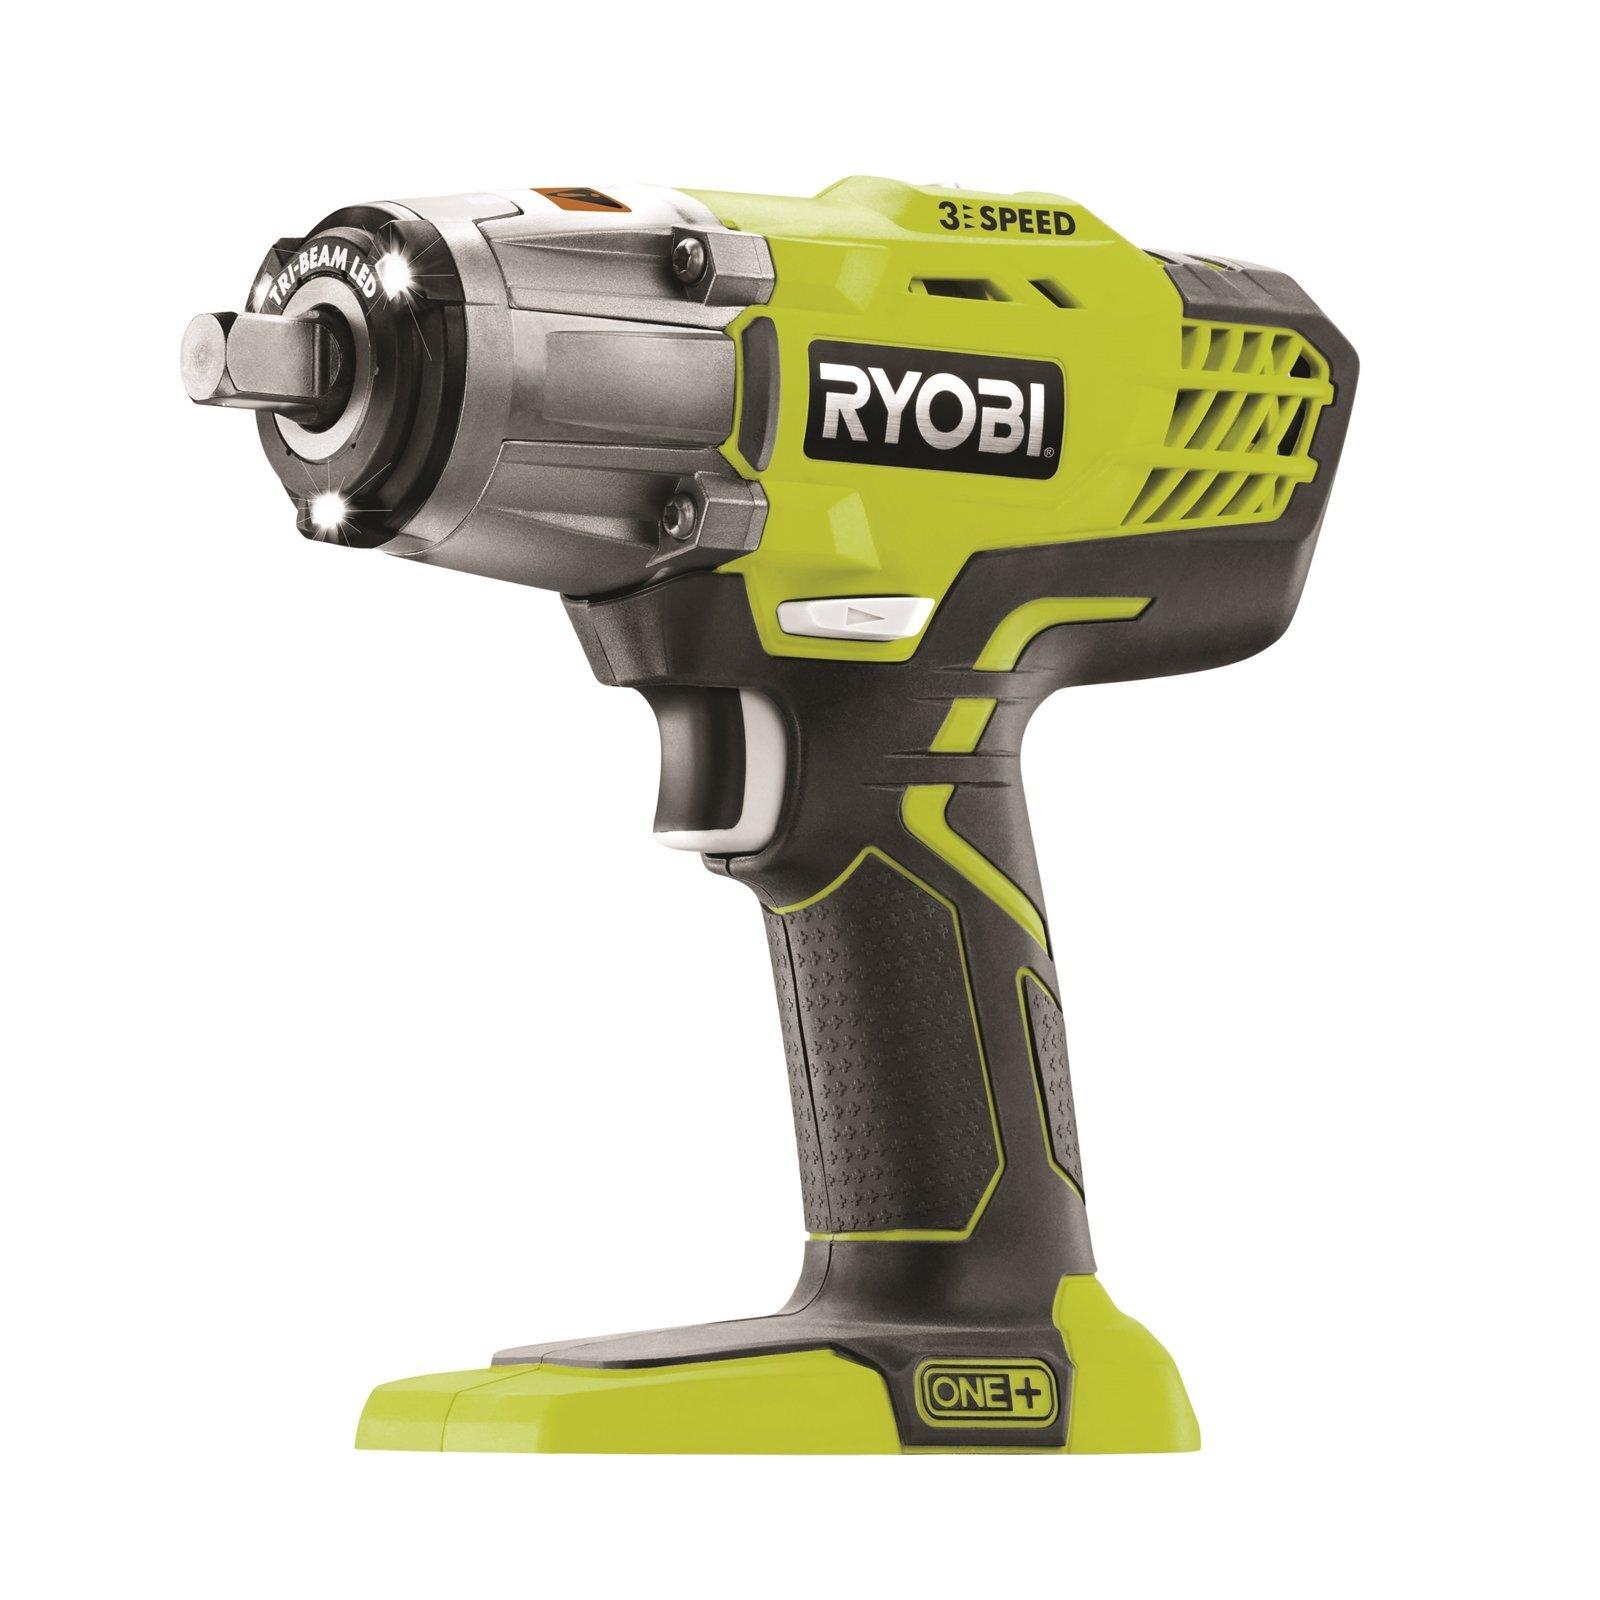 Ryobi One+ 18V 3-Speed Impact Wrench - Skin Only